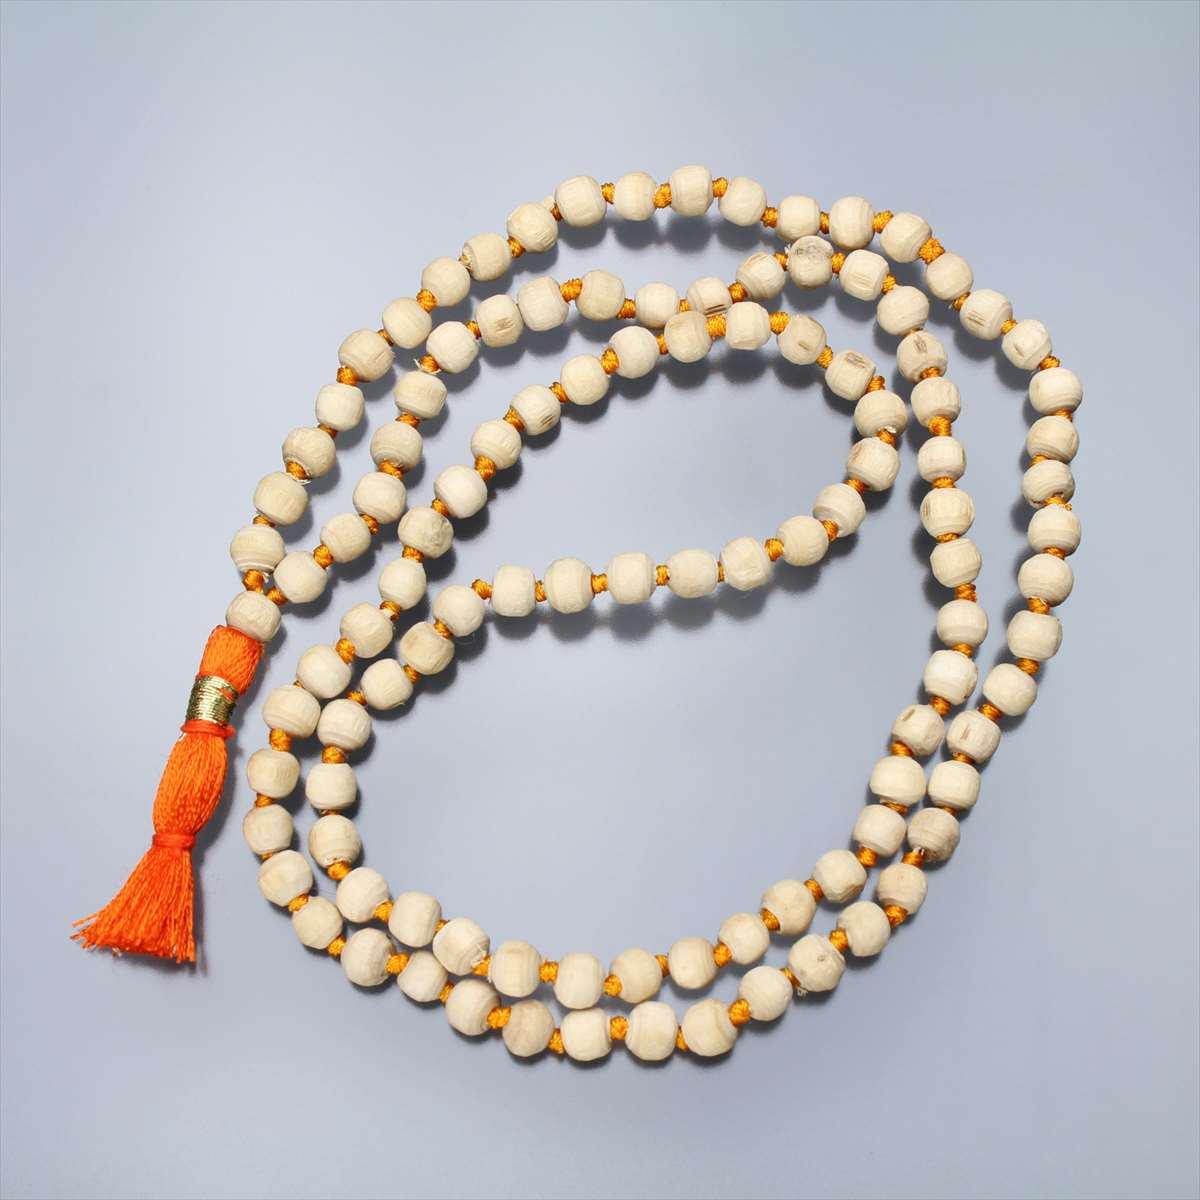 トゥラシー・マーラー(6mmサイズ、オレンジ色)